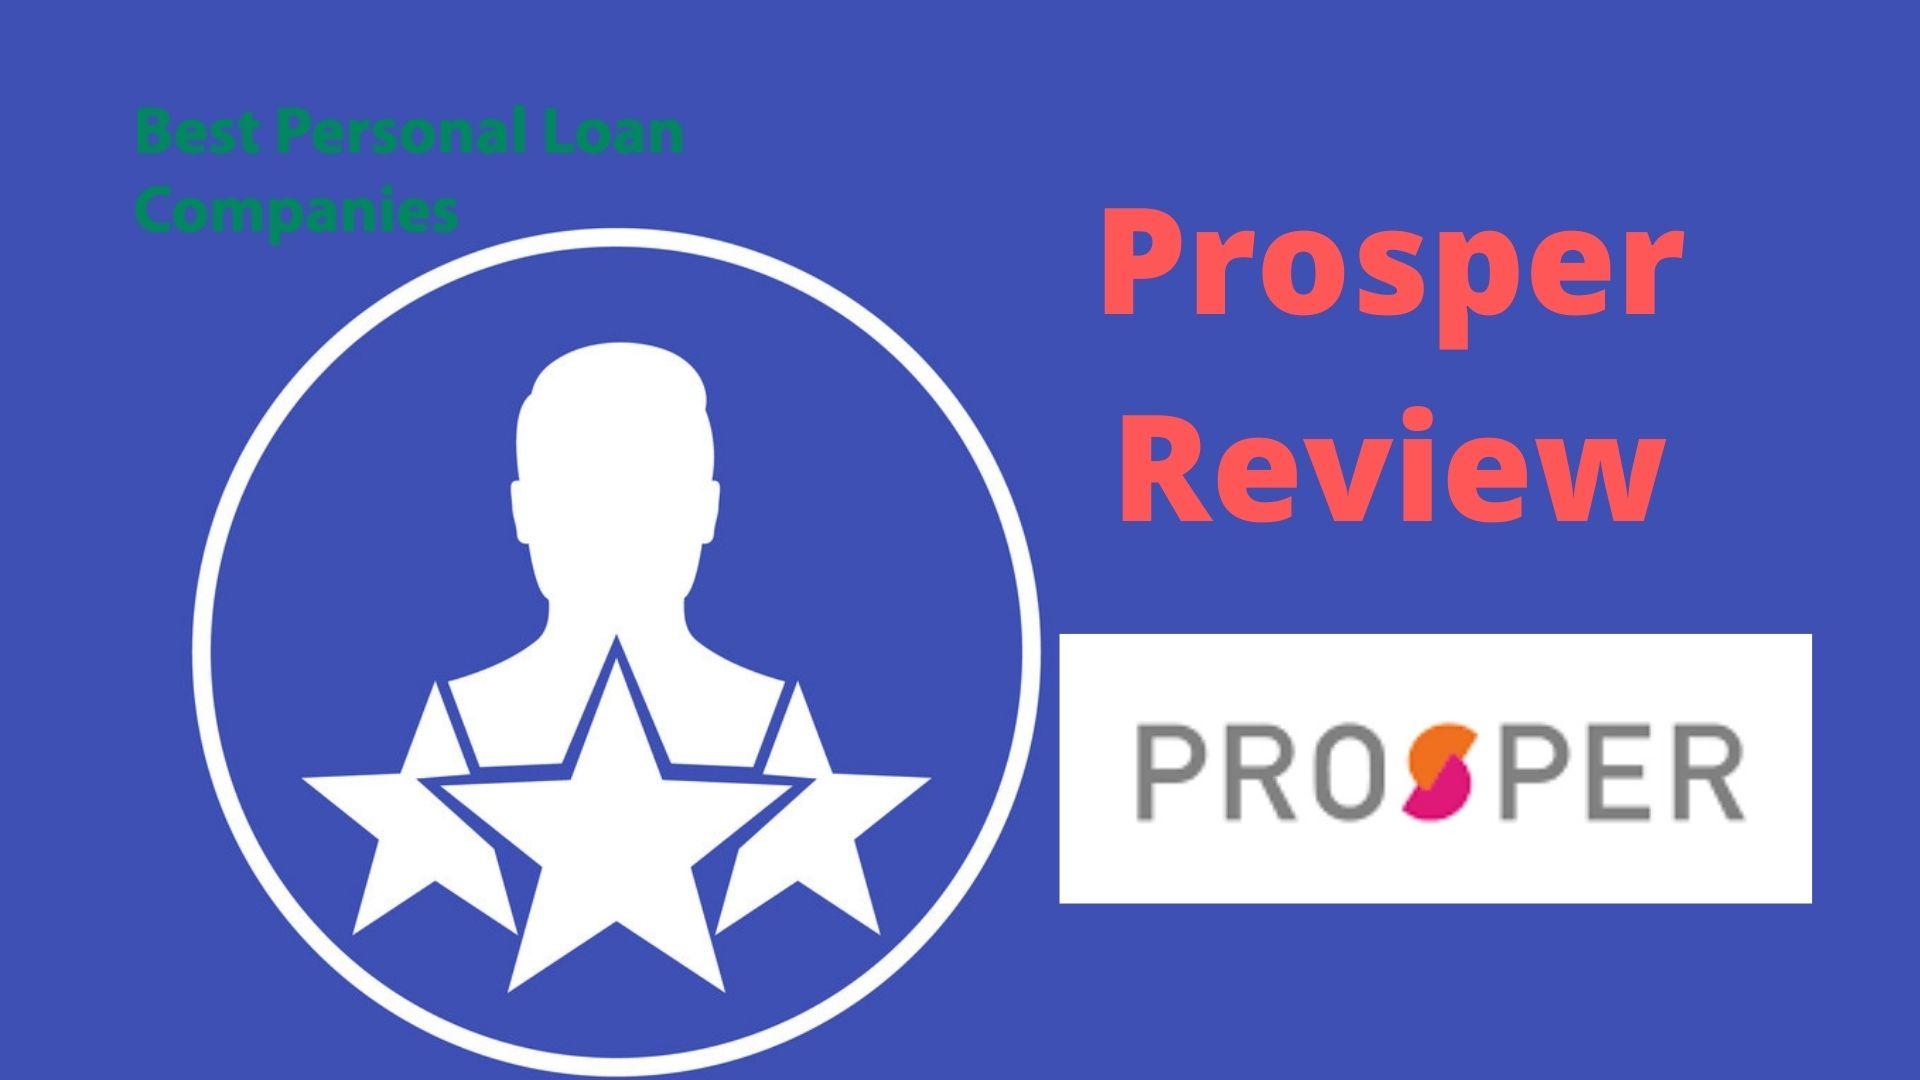 Prosper Personal Loans